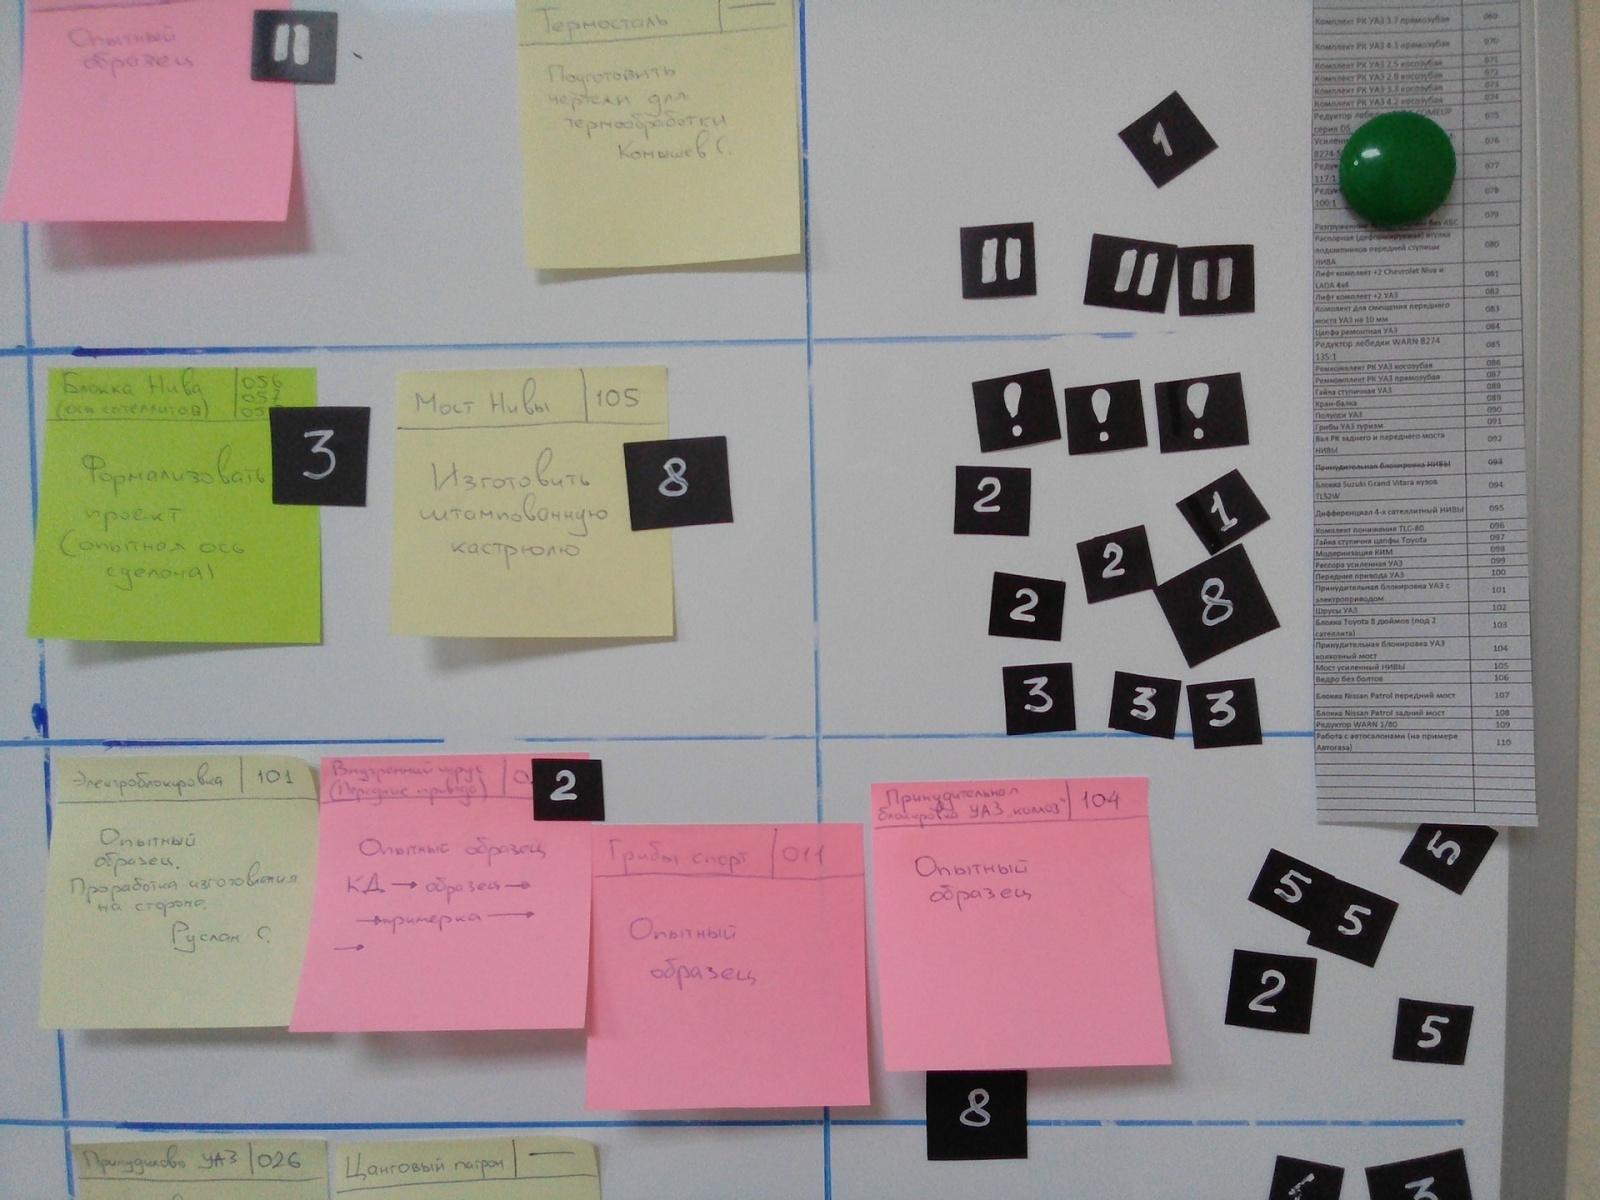 Канбан в управлении разработкой продуктов в машиностроении - 9